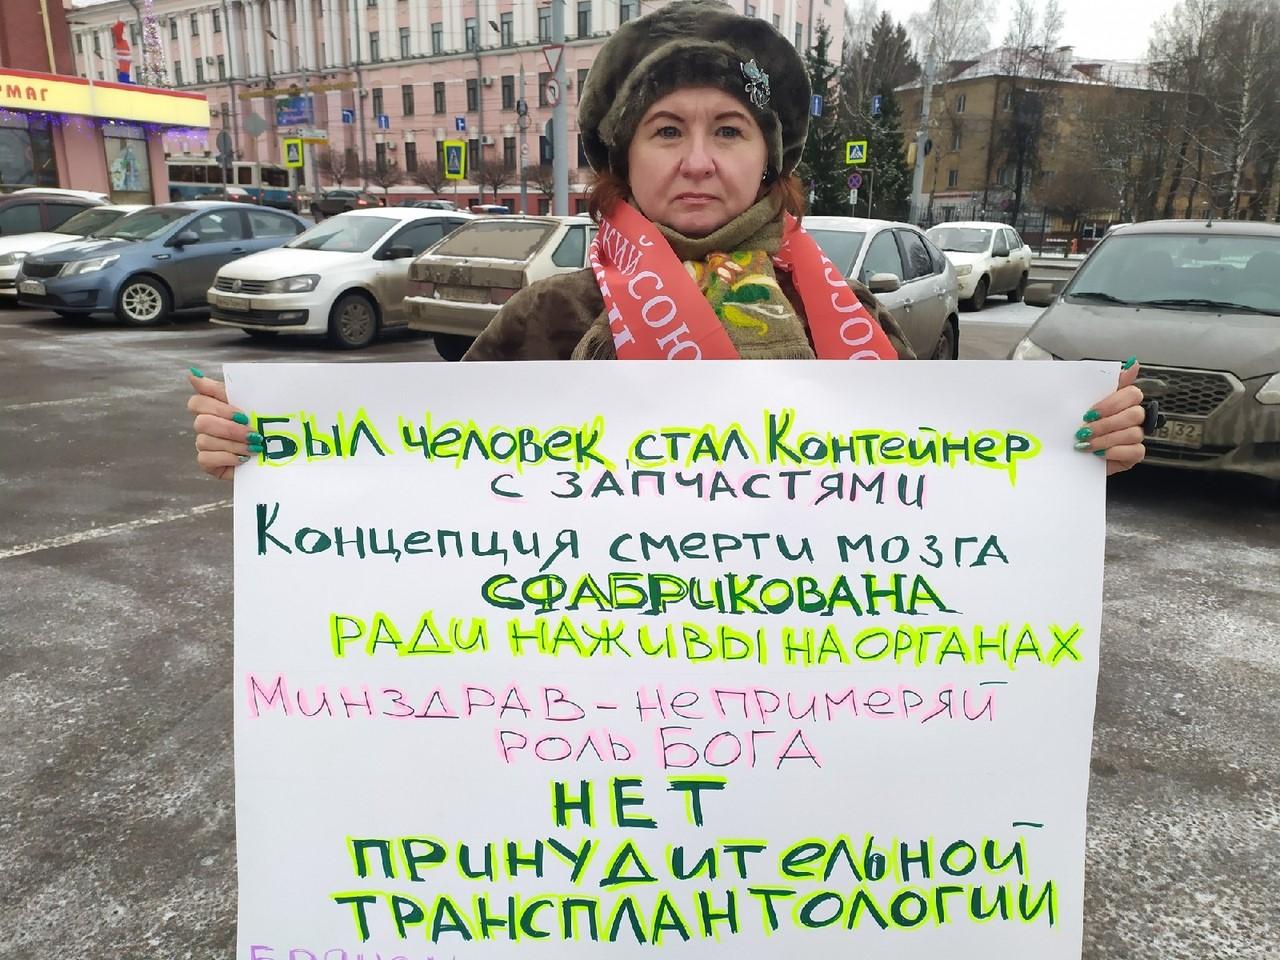 В Брянске прошли одиночные пикеты против закона одонорстве органов